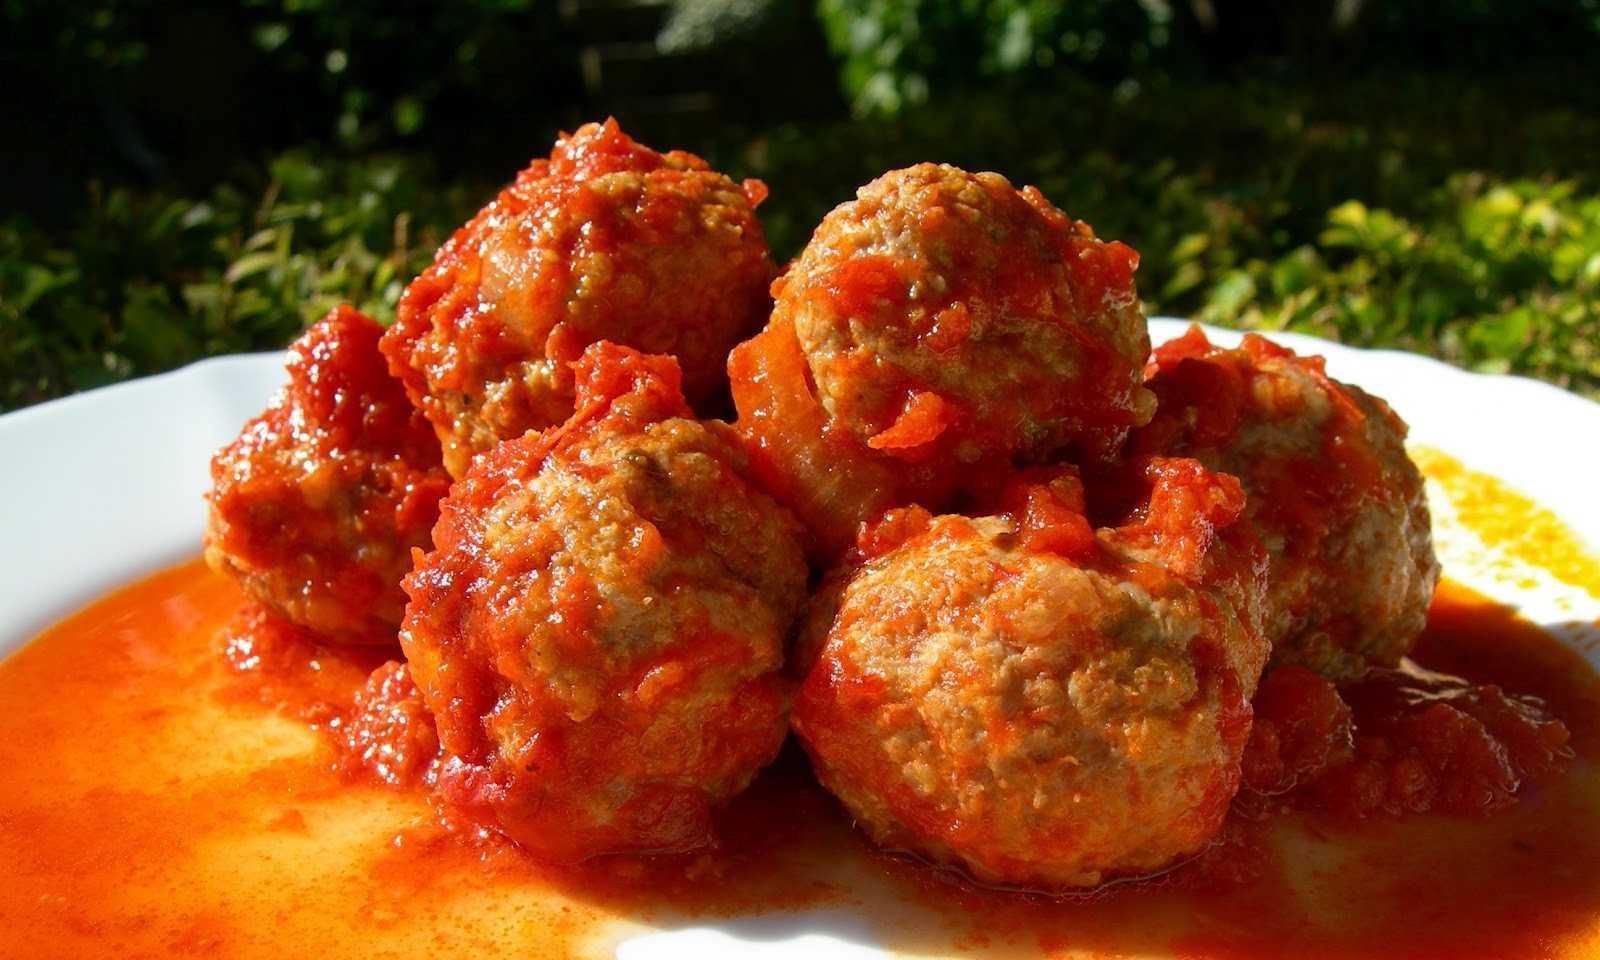 тефтели в томатном соусе фото рецепт узнаете